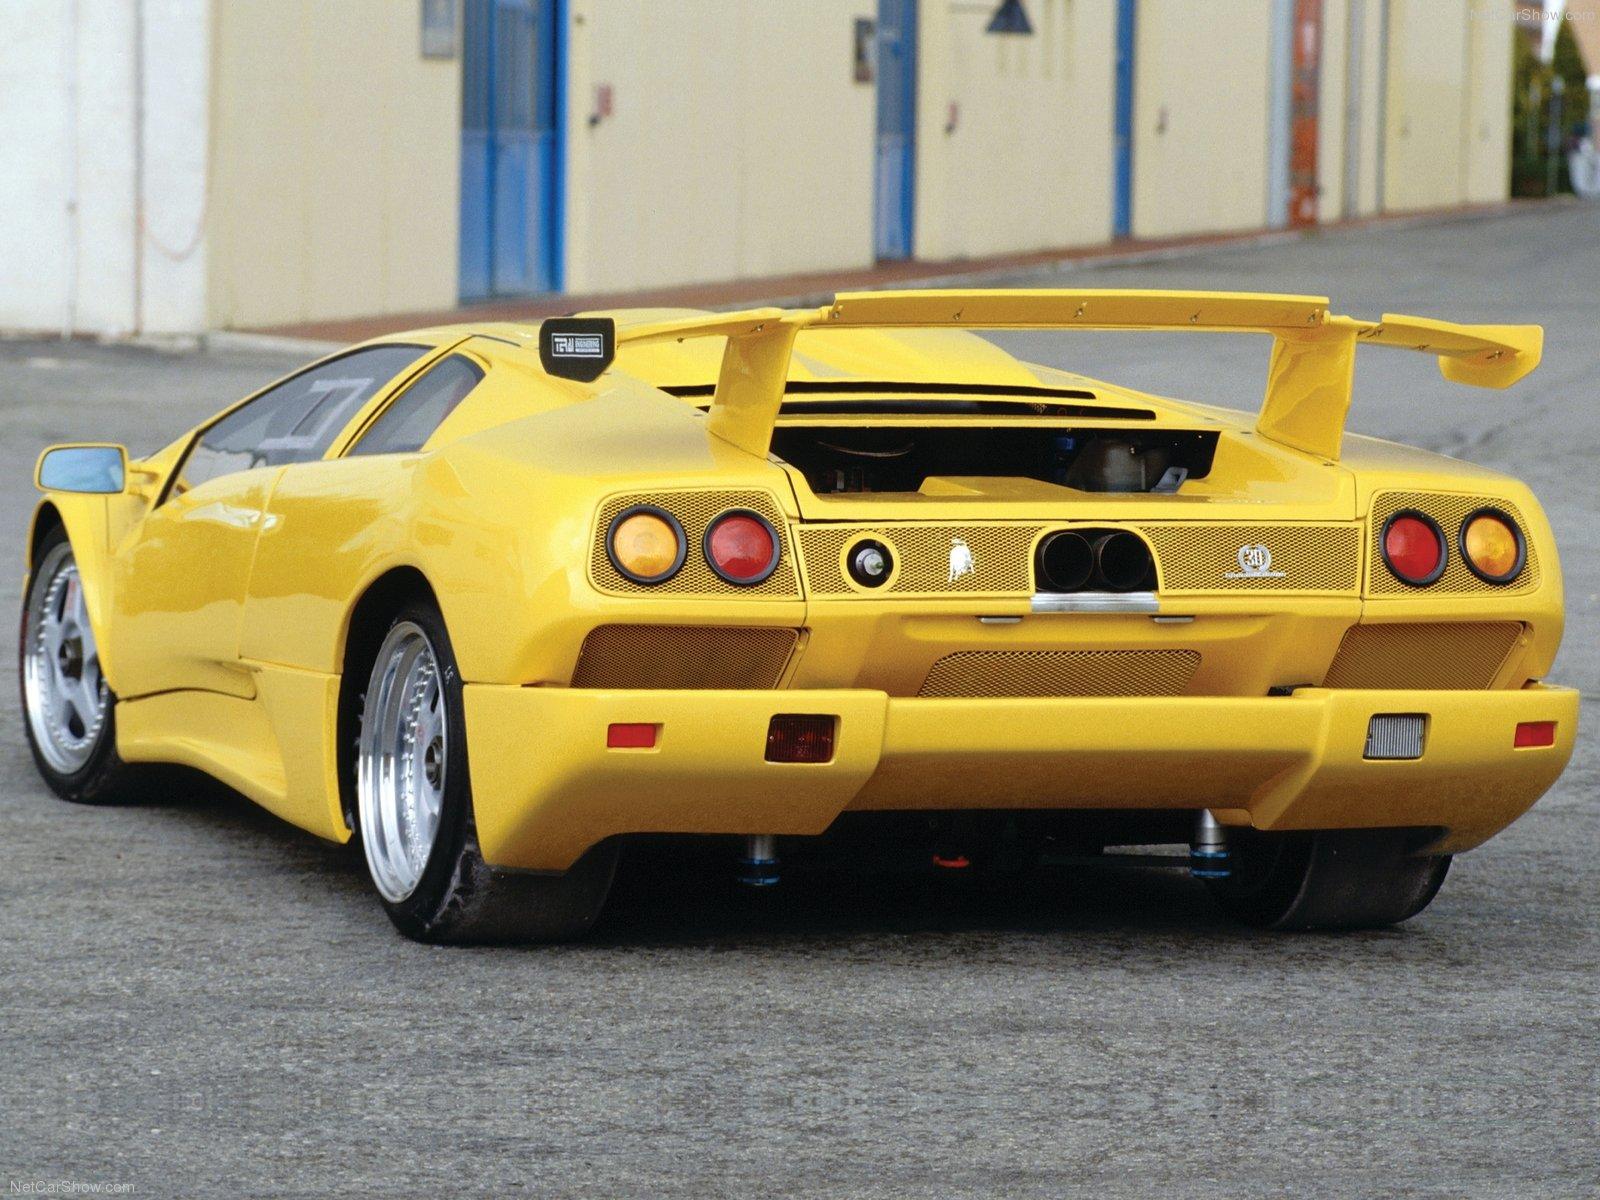 Hình ảnh siêu xe Lamborghini Diablo Iota 1995 & nội ngoại thất